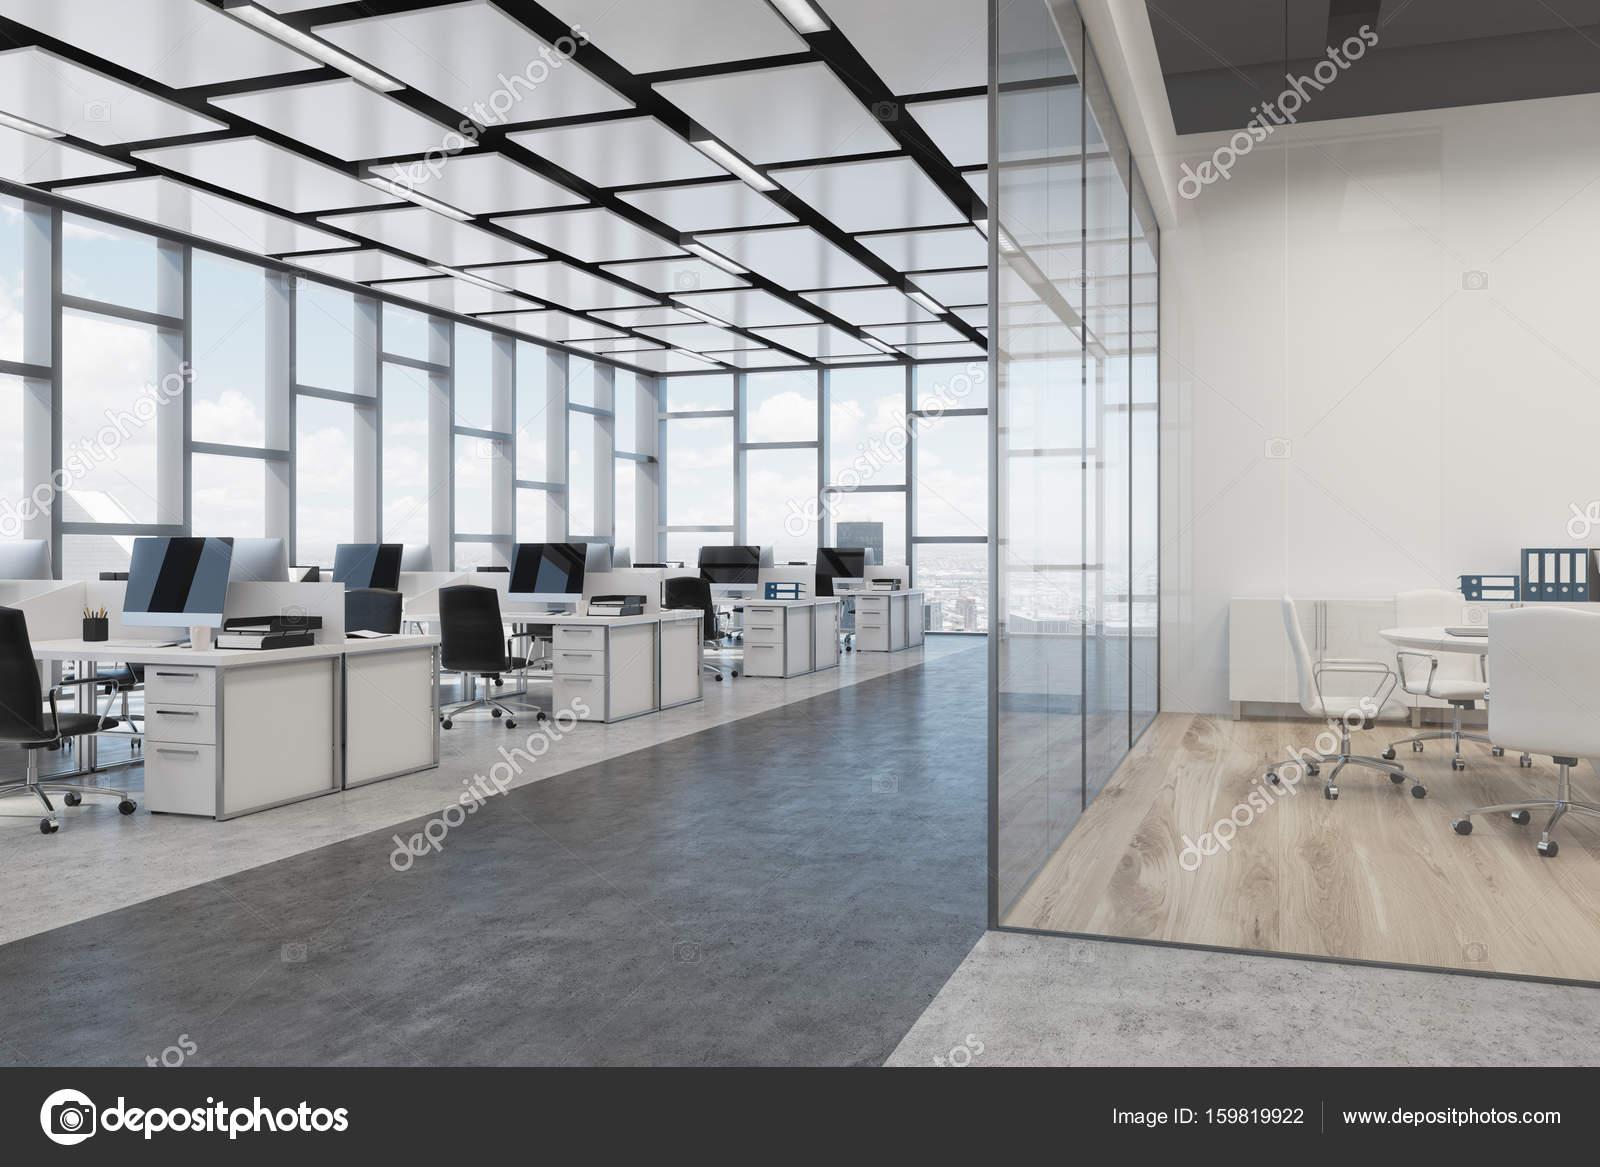 Rectangulaire décoration espaces bureau coin u photographie